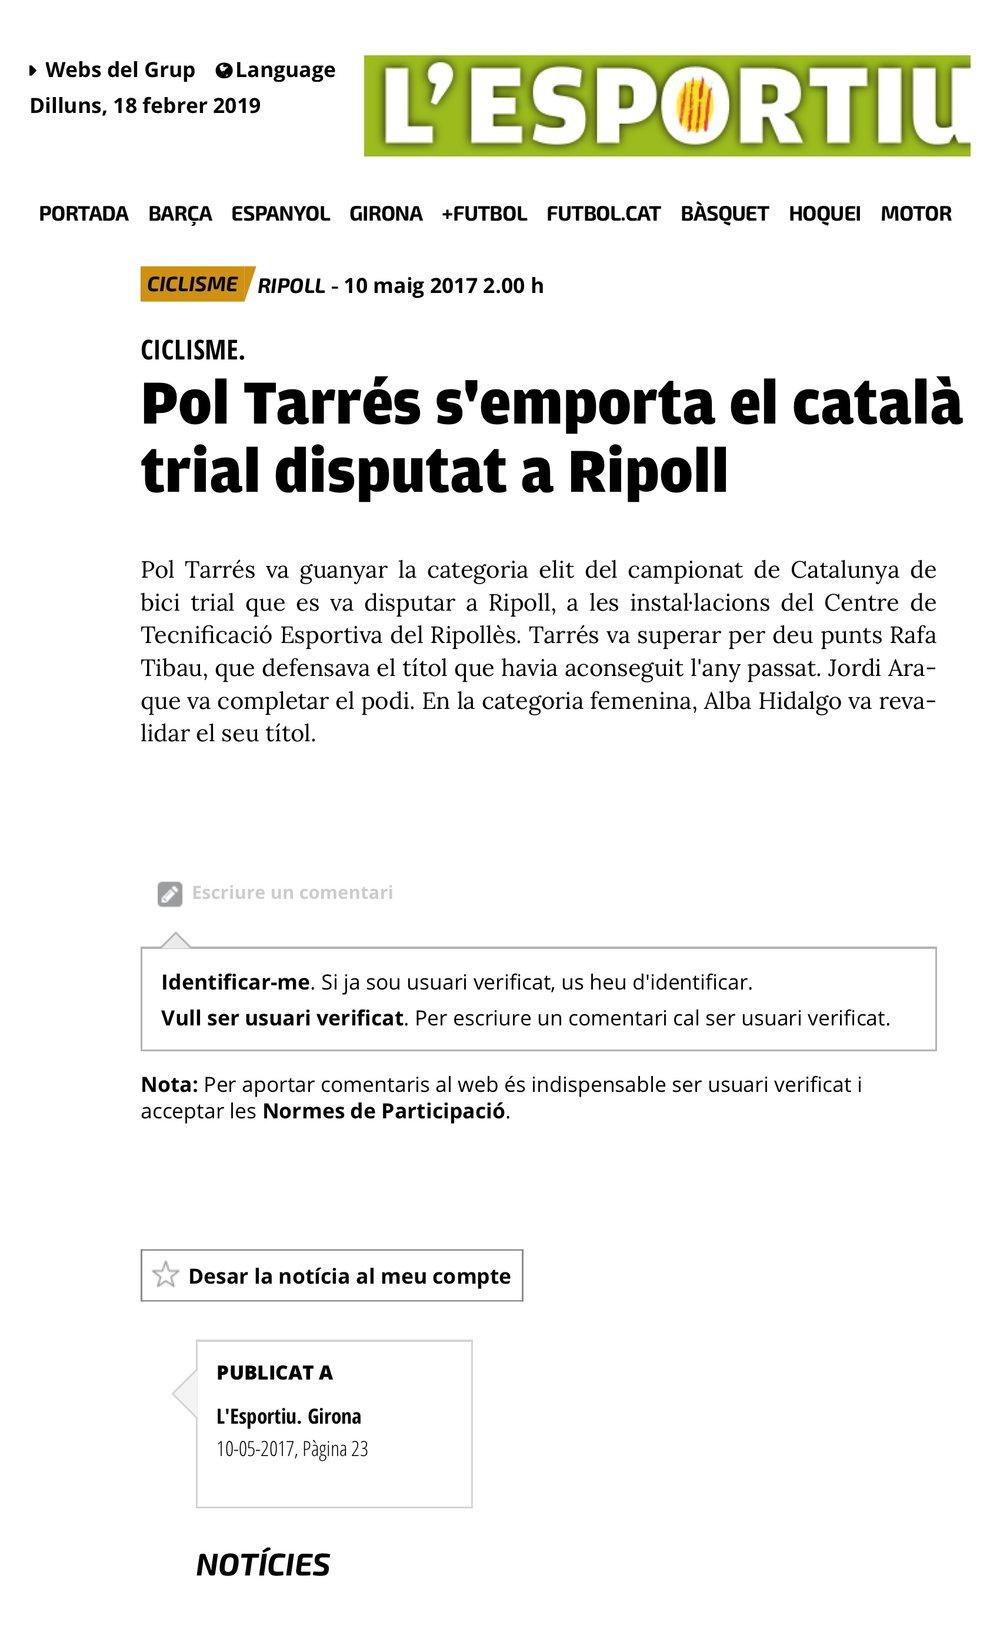 2017-5-10 Pol Tarrés s'emporta el català de bici trial disputat a Ripoll | Ripoll | Ciclisme | L'Esportiu de Catalunya 3.jpeg